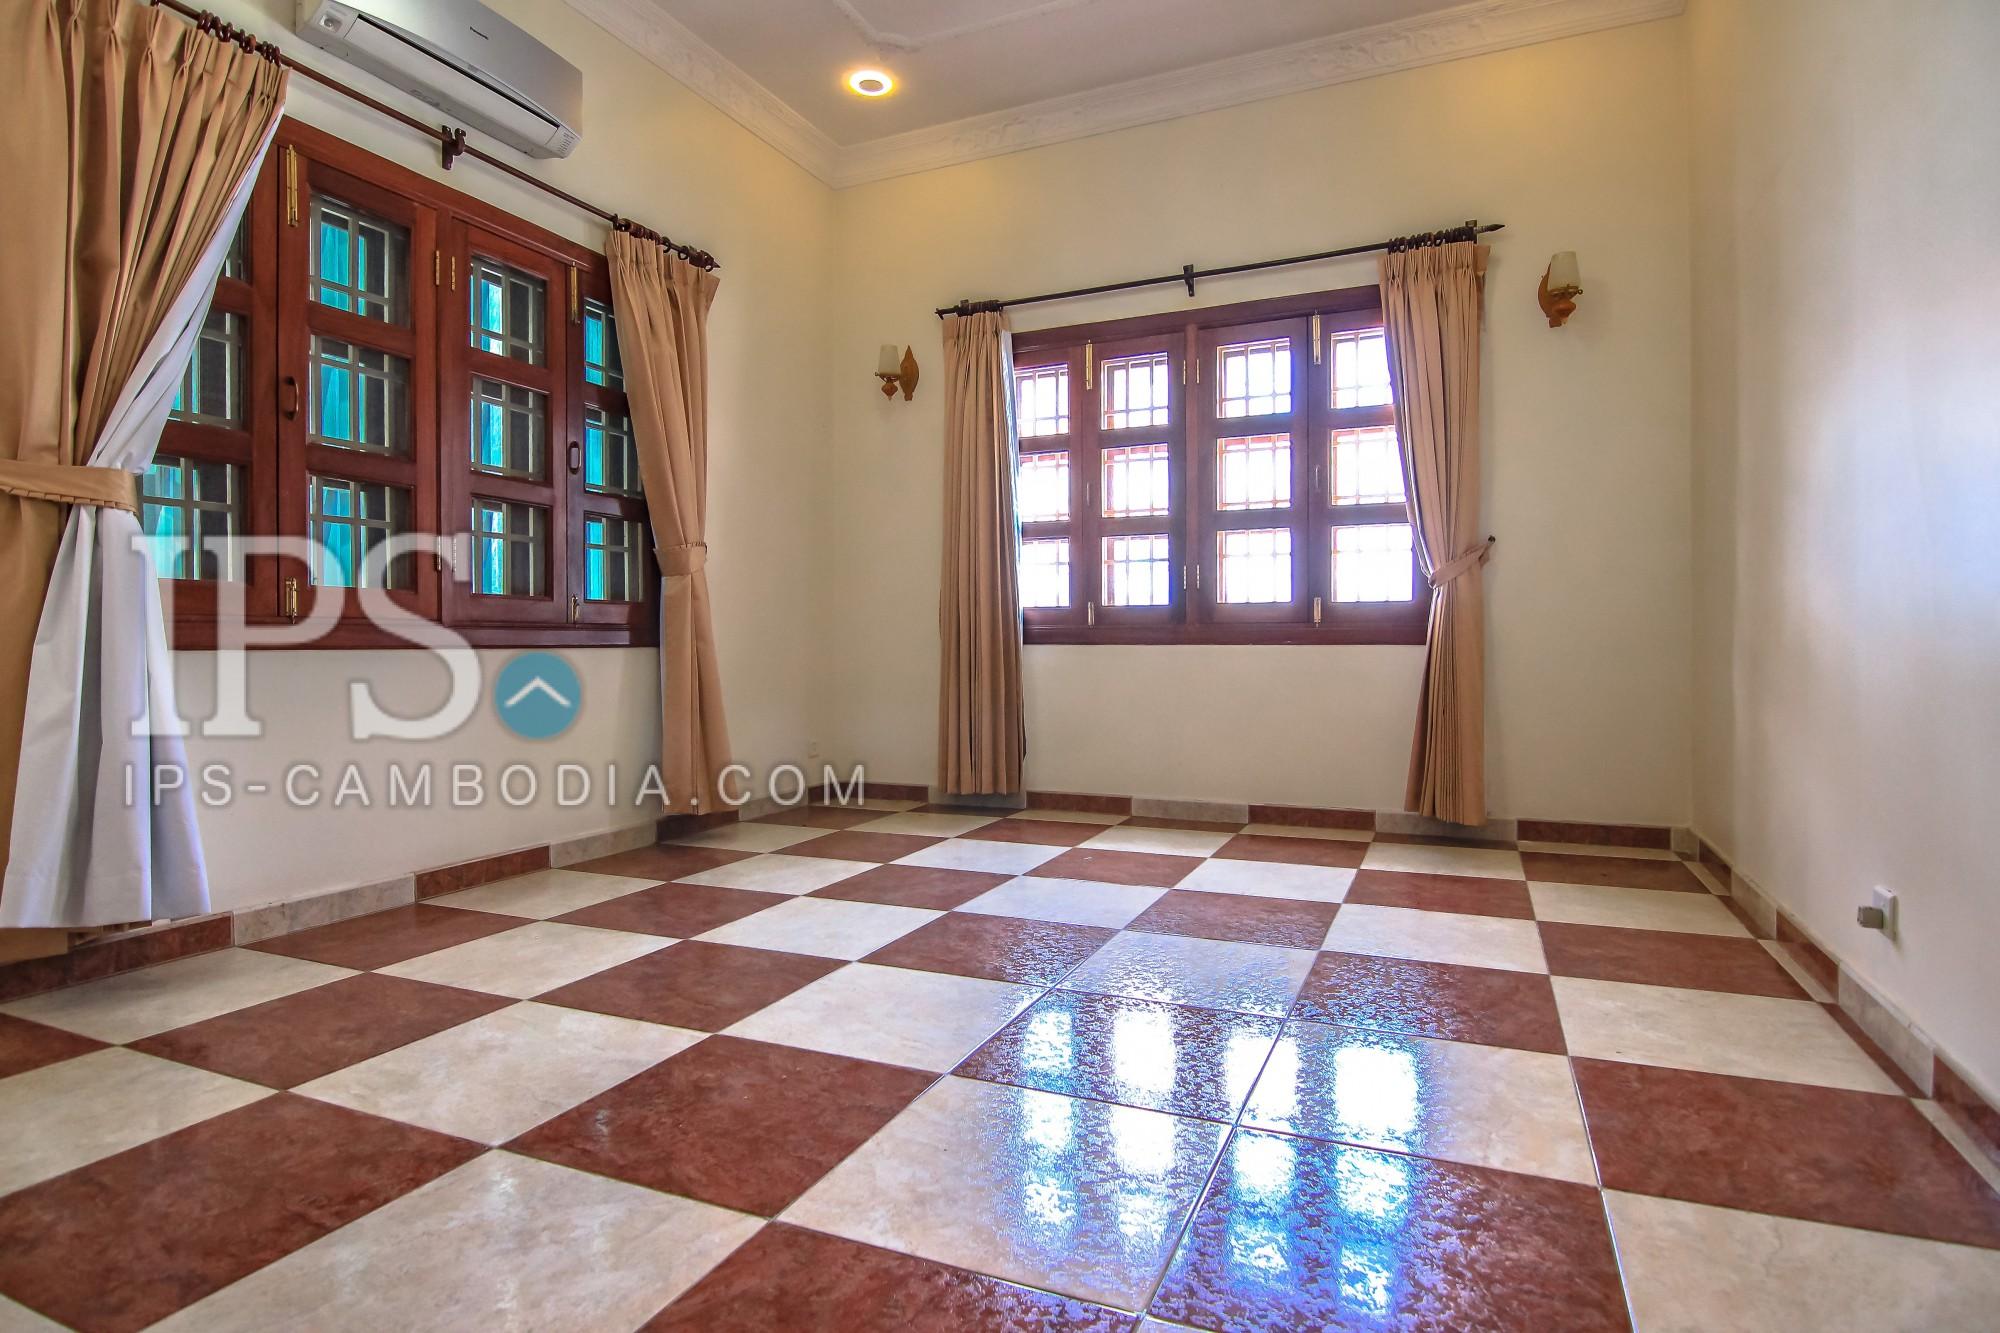 4 Bedrooms Villa for Rent - BKK1